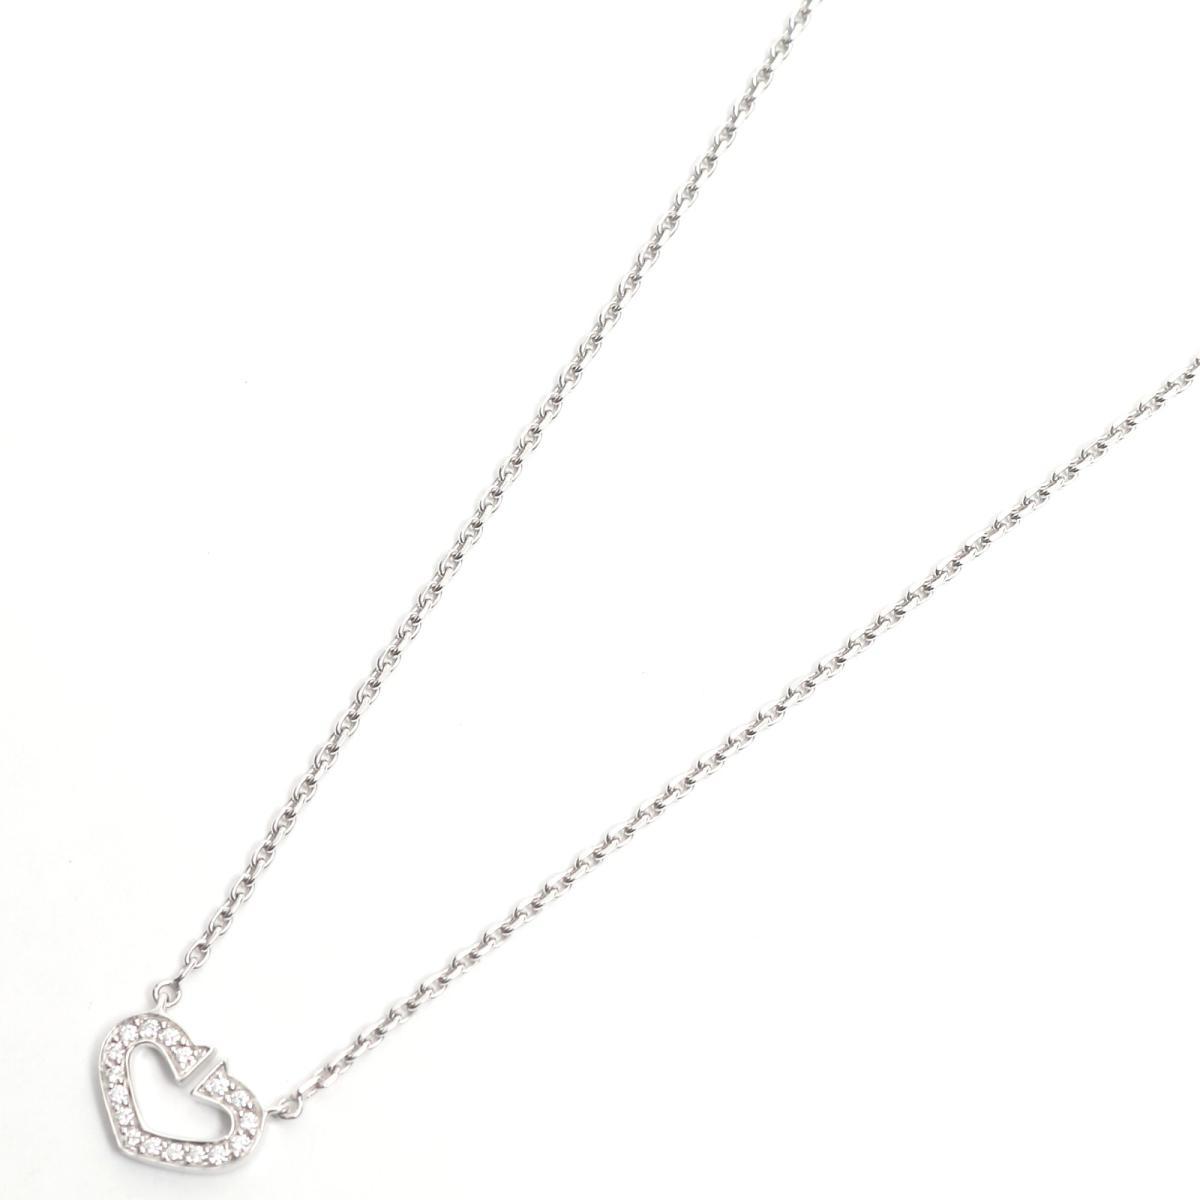 【中古】 カルティエ Cハート ダイヤモンド ネックレス ペンダント レディース K18WG (750) ホワイトゴールド x | Cartier BRANDOFF ブランドオフ ブランド アクセサリー